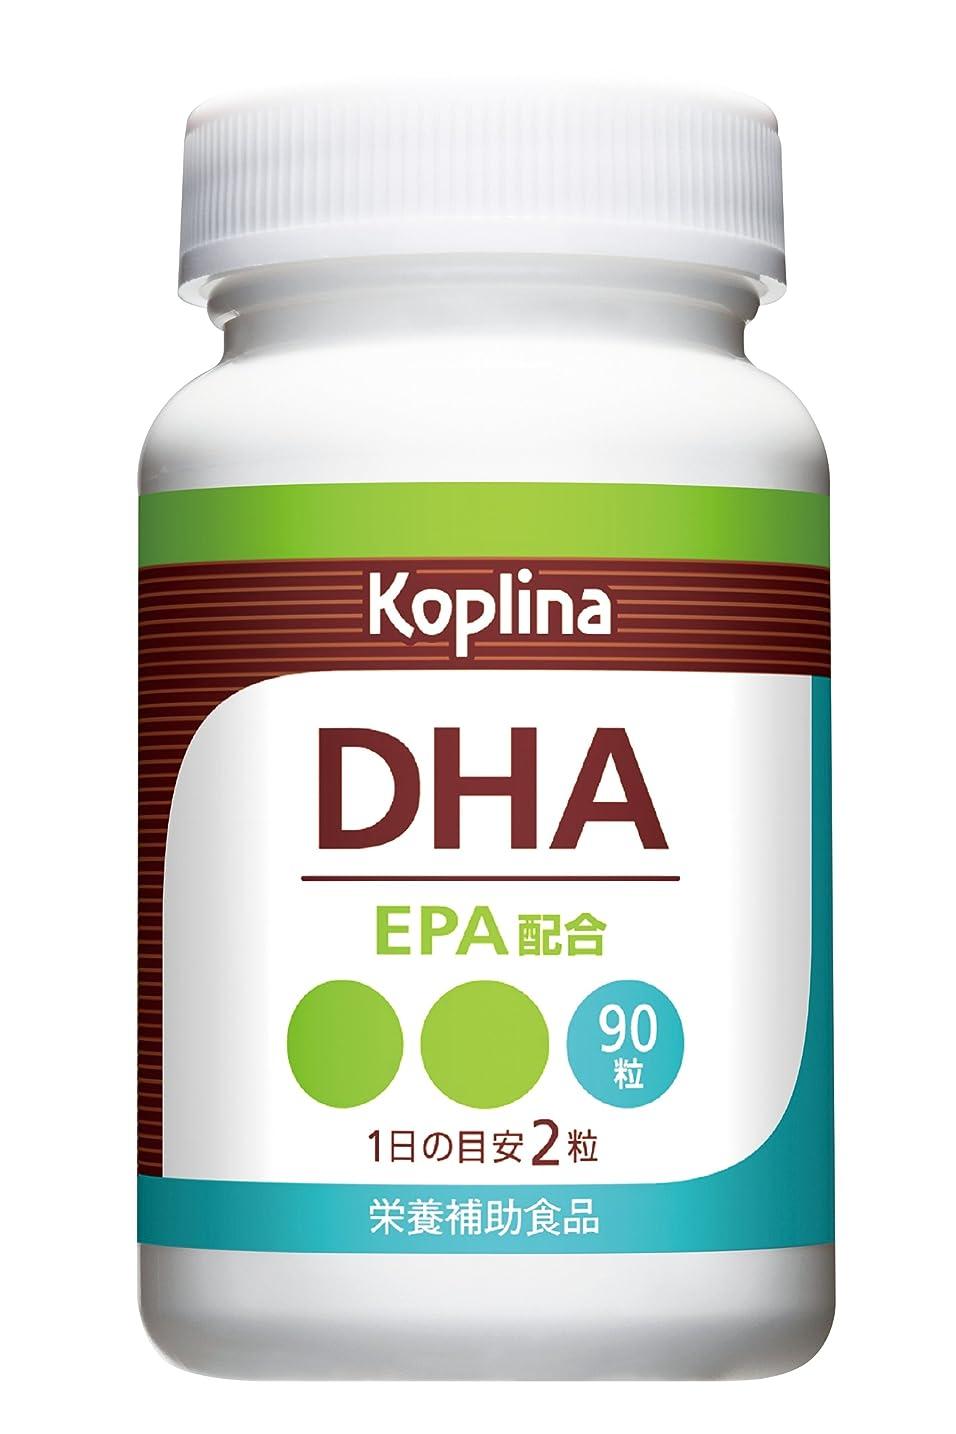 反対する息切れ南方のDHA EPA配合 90粒 (45日分) 1個